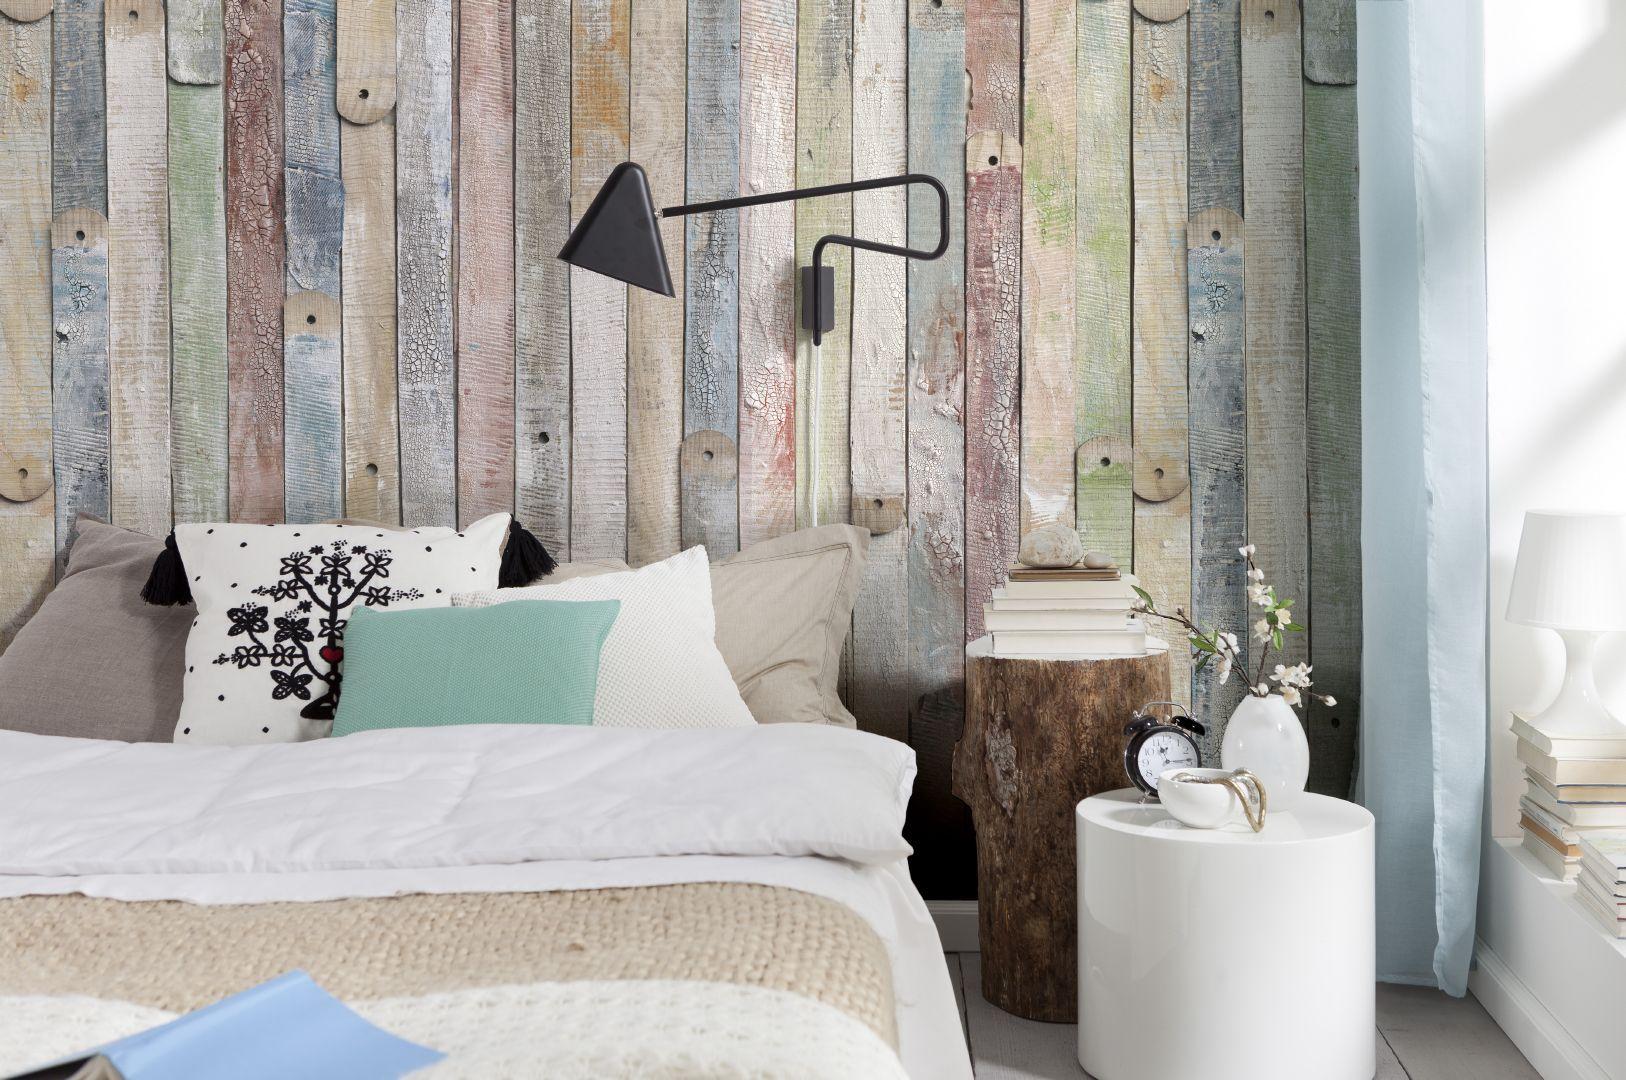 Behangpapier Voor Slaapkamer : Binnenhuisinrichting behangpapier slaapkamer d haens